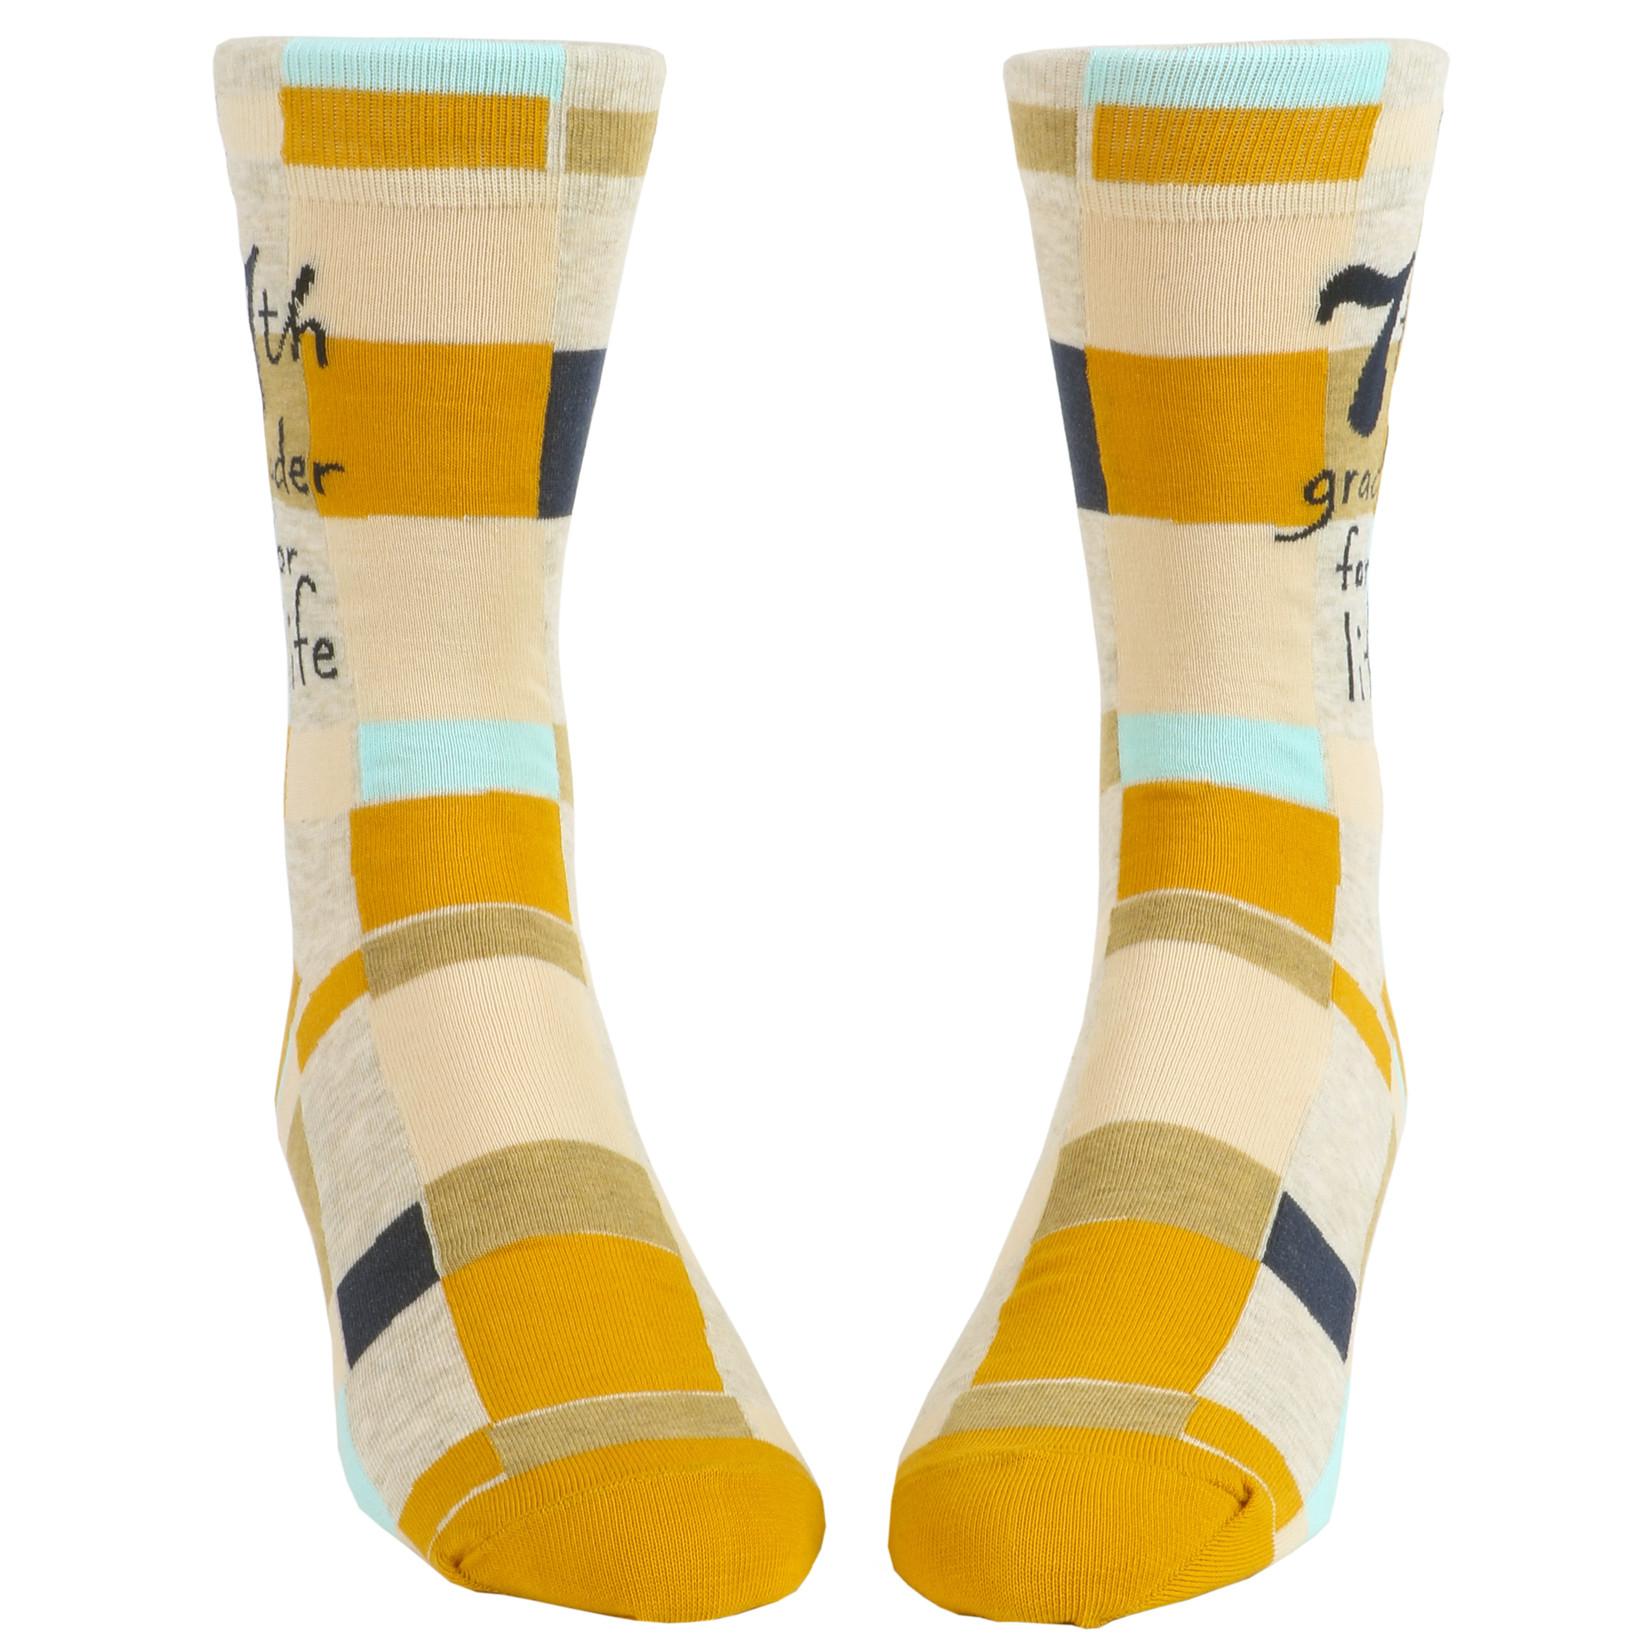 Blue Q 7th Grader for Life M - Crew Socks